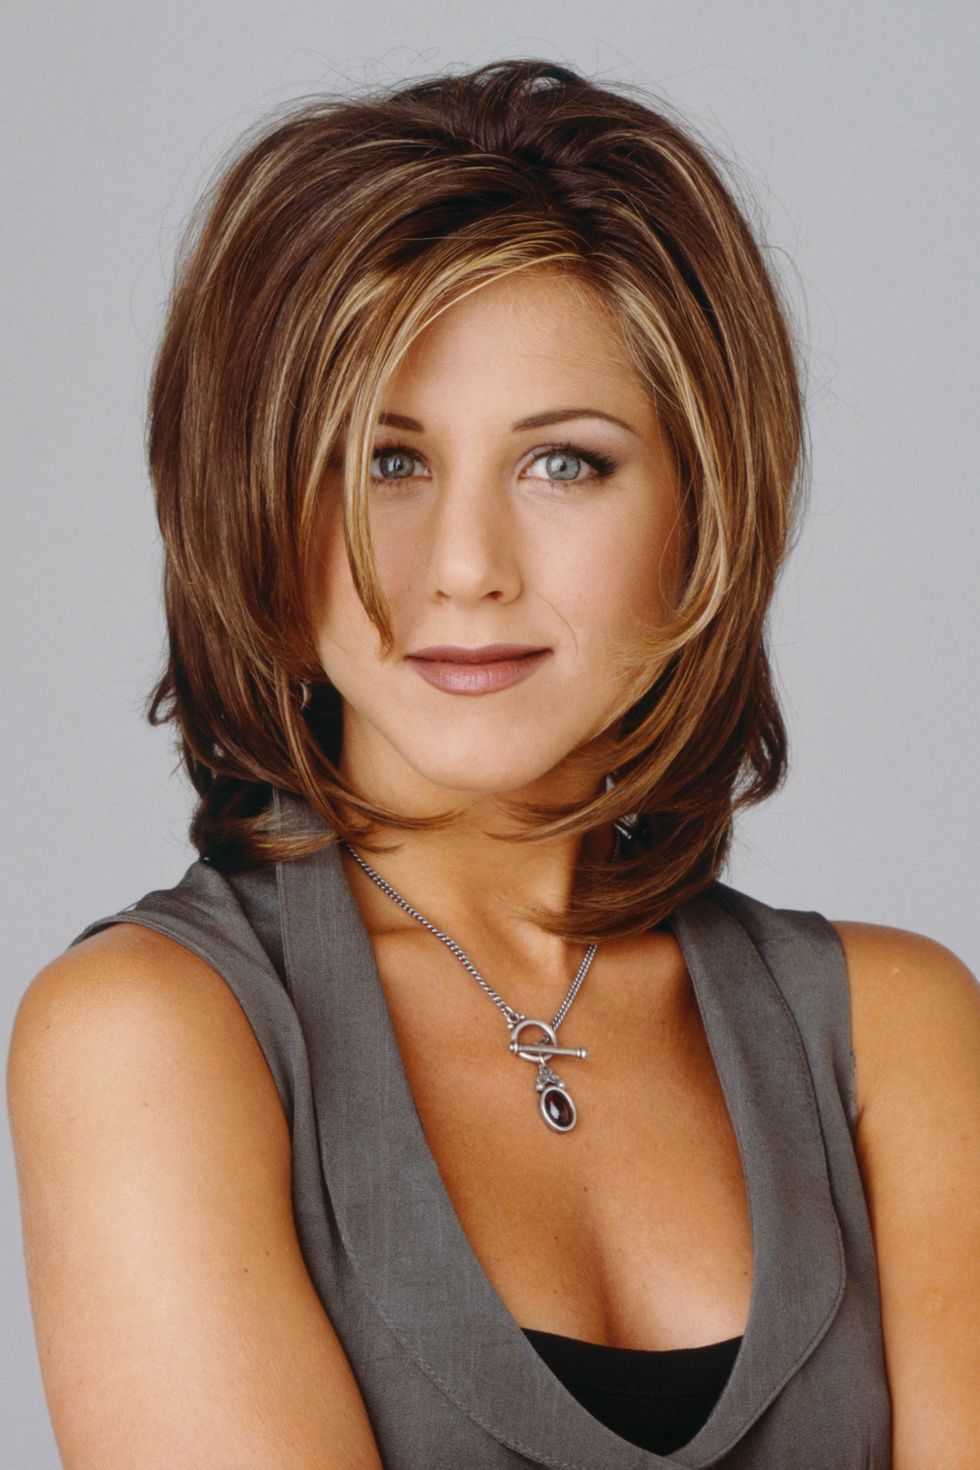 """Năm 1994:  """"Tôi nghĩ đó là kiểu tóc xấu xí nhất mà tôi từng thấy,"""" Aniston nói với Allure vào năm 2011 về kiểu tóc phân cực của Rachel Green."""